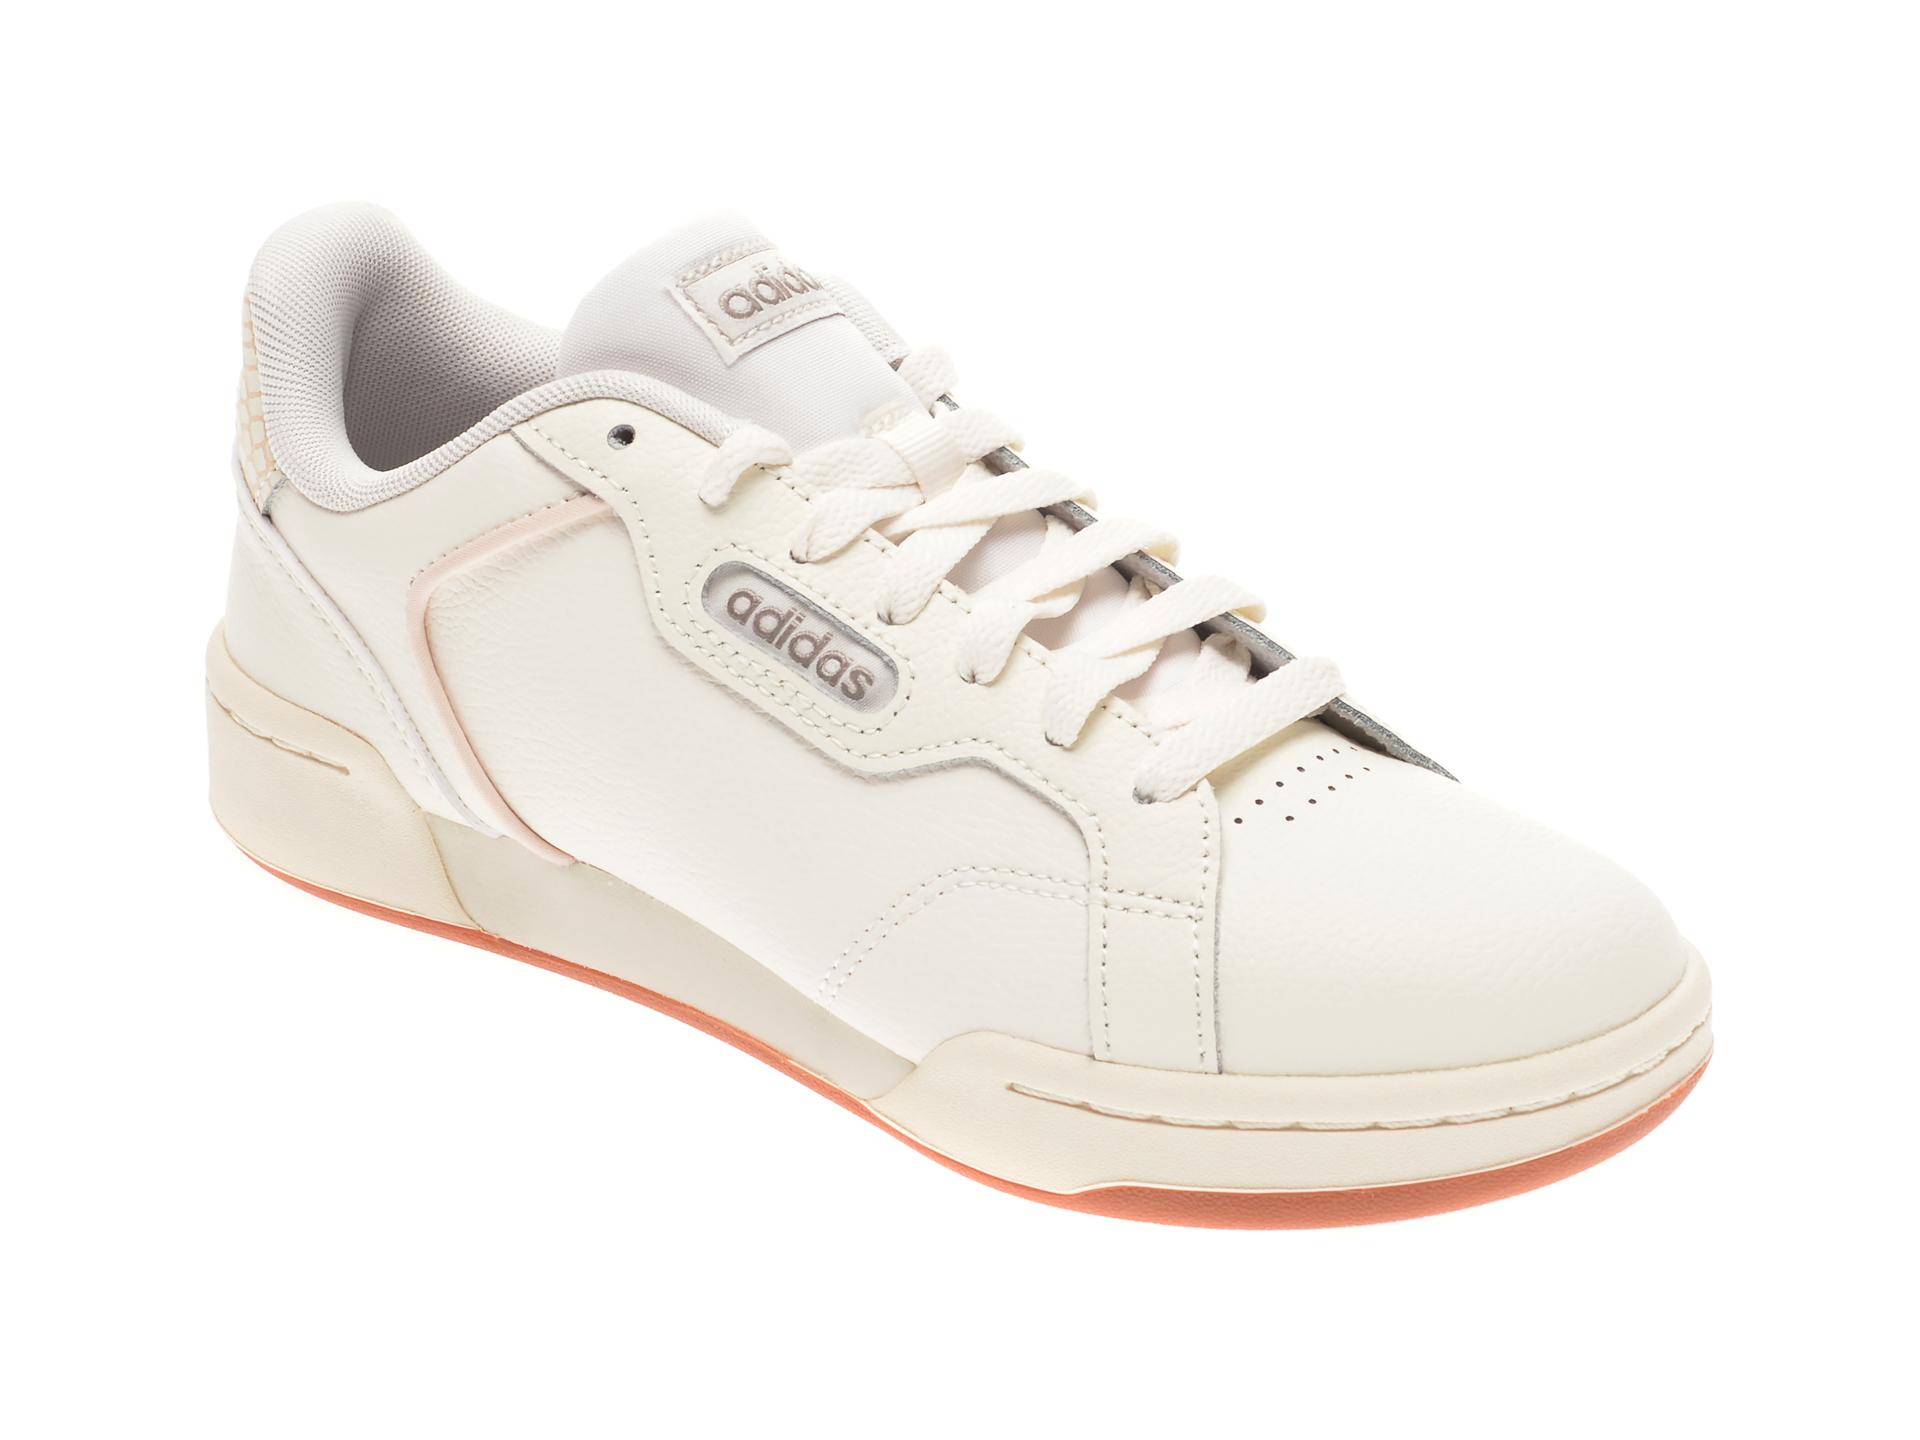 Pantofi sport ADIDAS albi, ROGUERA, din piele naturala